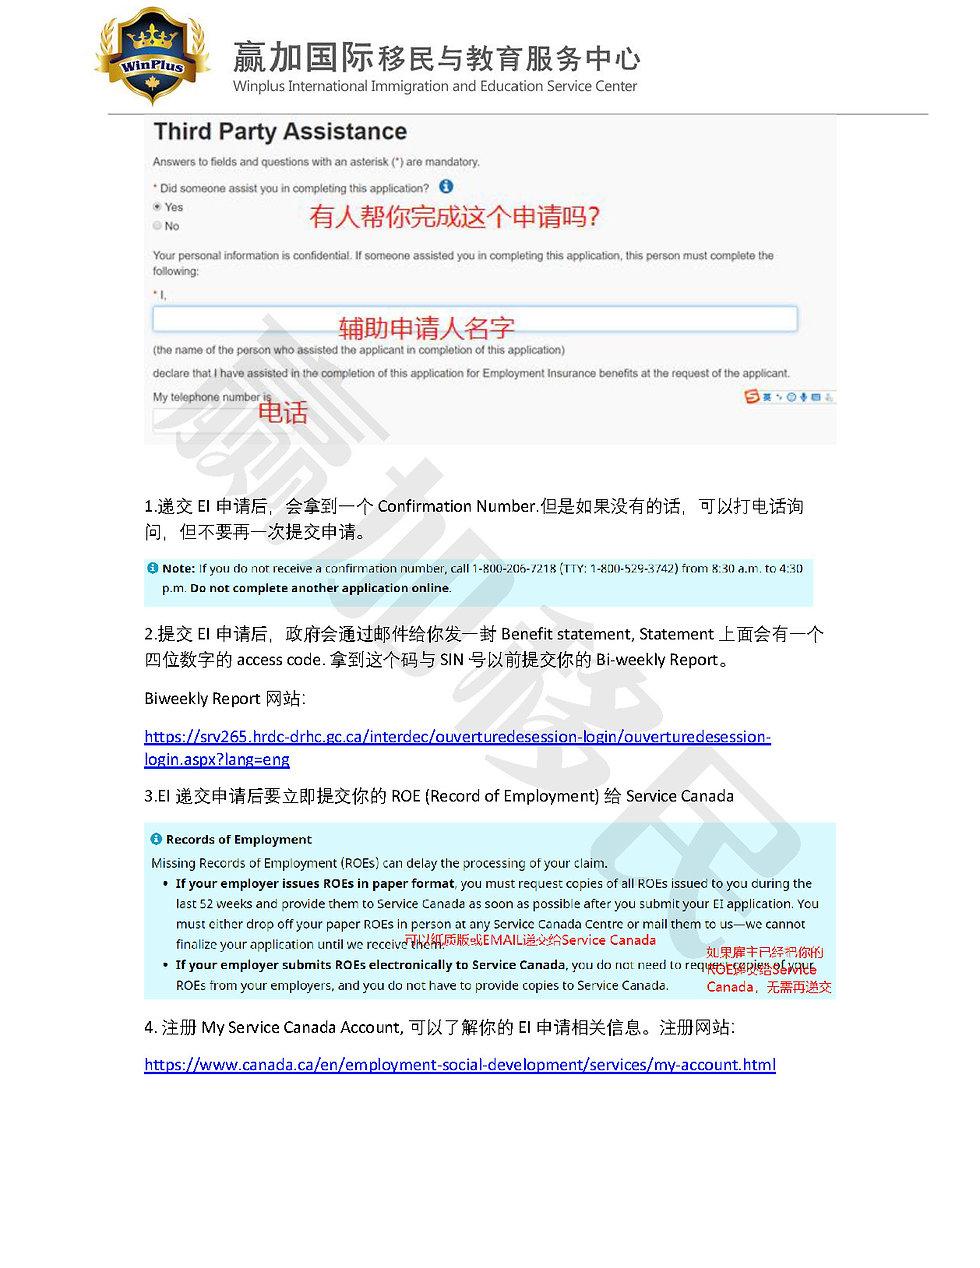 EI申请流程_Page_12.jpg